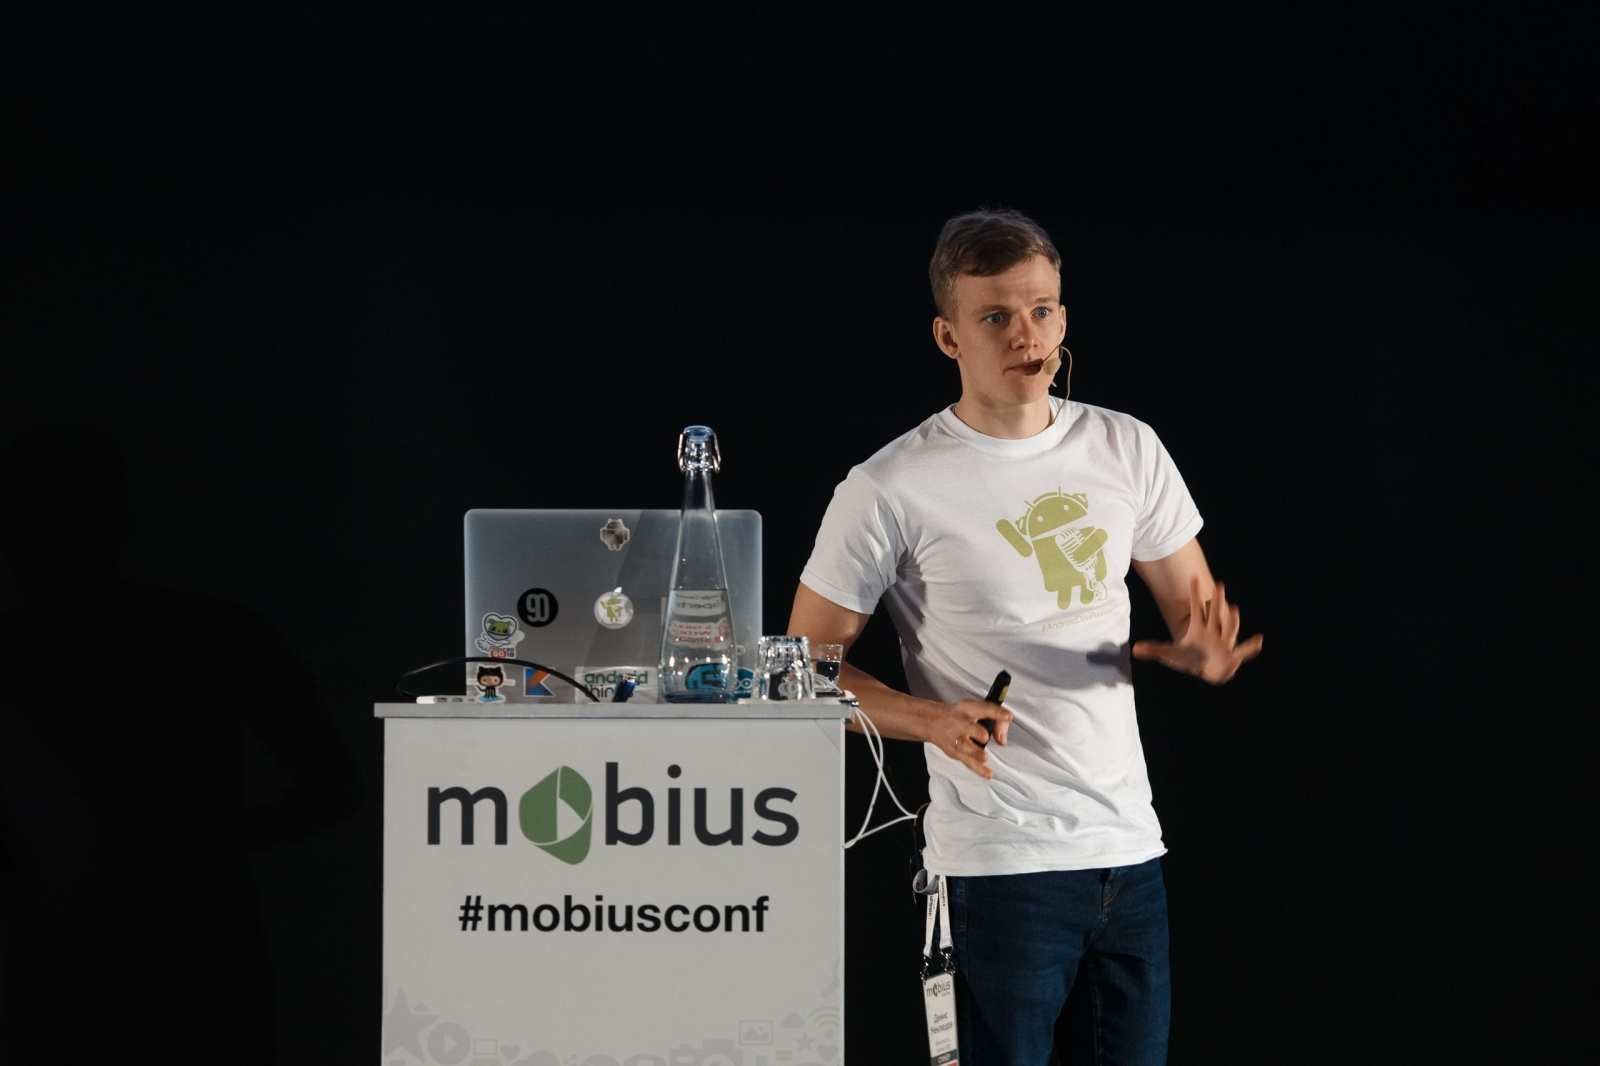 Топ-10 докладов Mobius 2018 Piter - 1